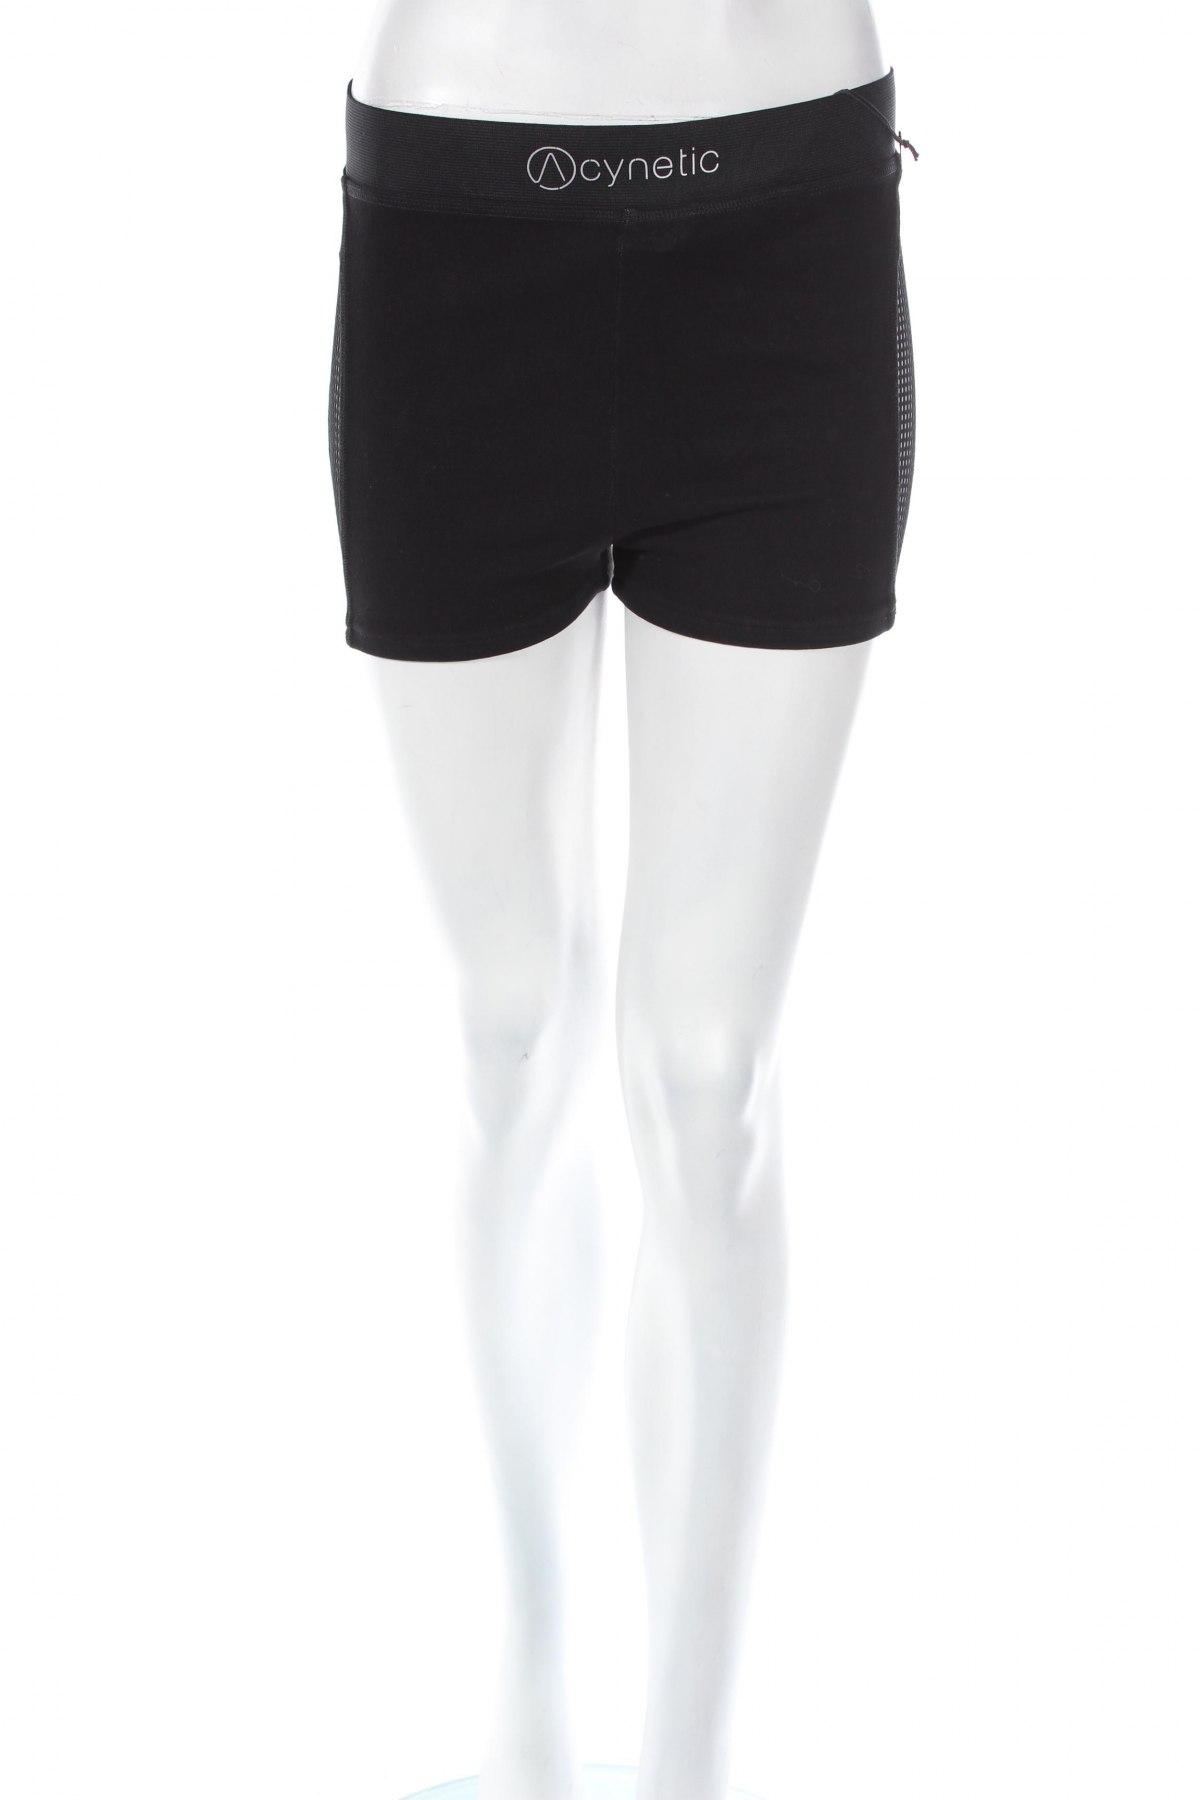 Дамски къс панталон Acynetic